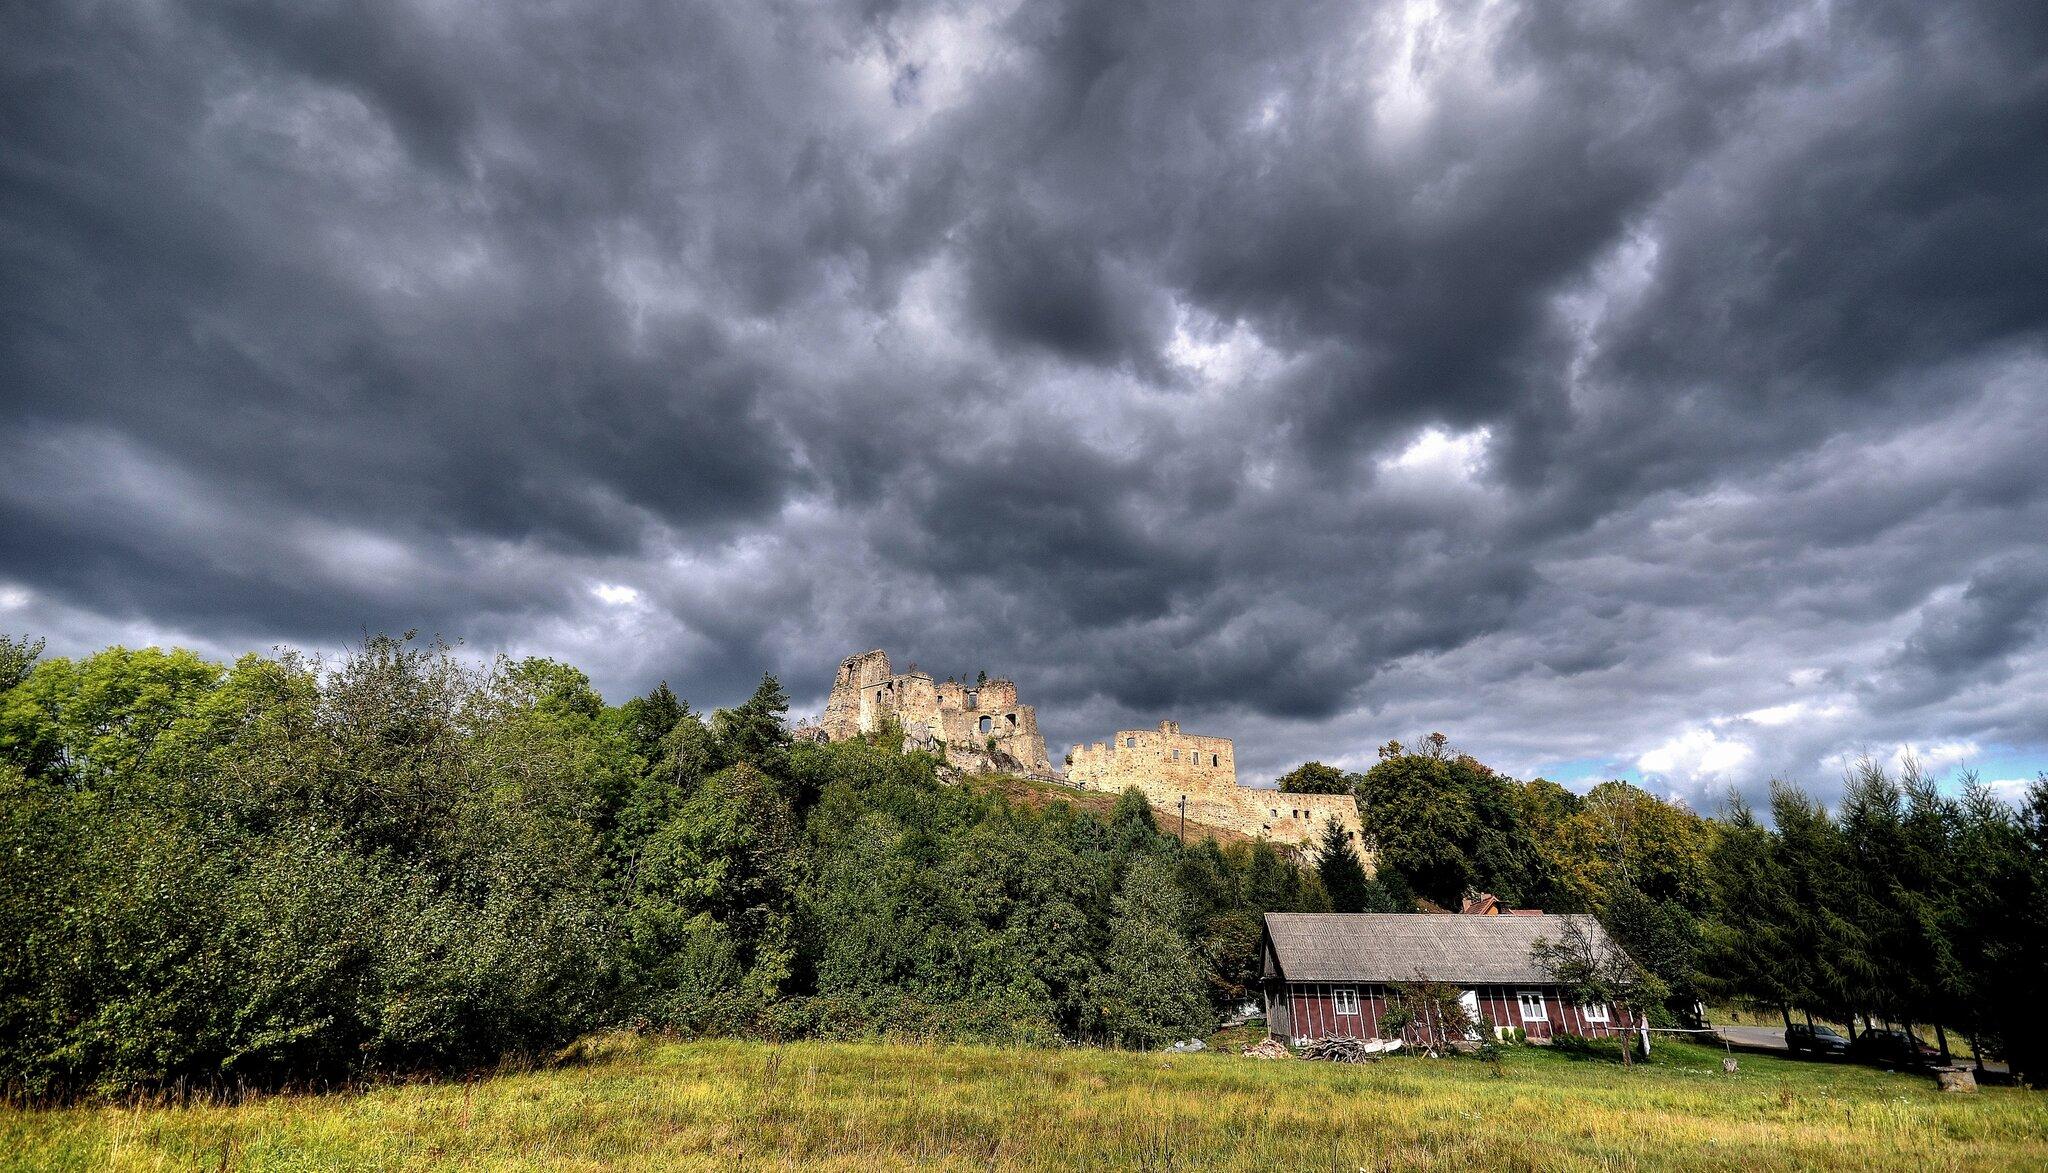 Na niebie ciemne chmury burzowe kłębią się nad ruinami zamku ibaszty stojących na wzgórzu. Wokół wzgórza rosną drzewa, aujego stóp stoi drewniana, brązowa chata, przy której na drodze stoją samochody.